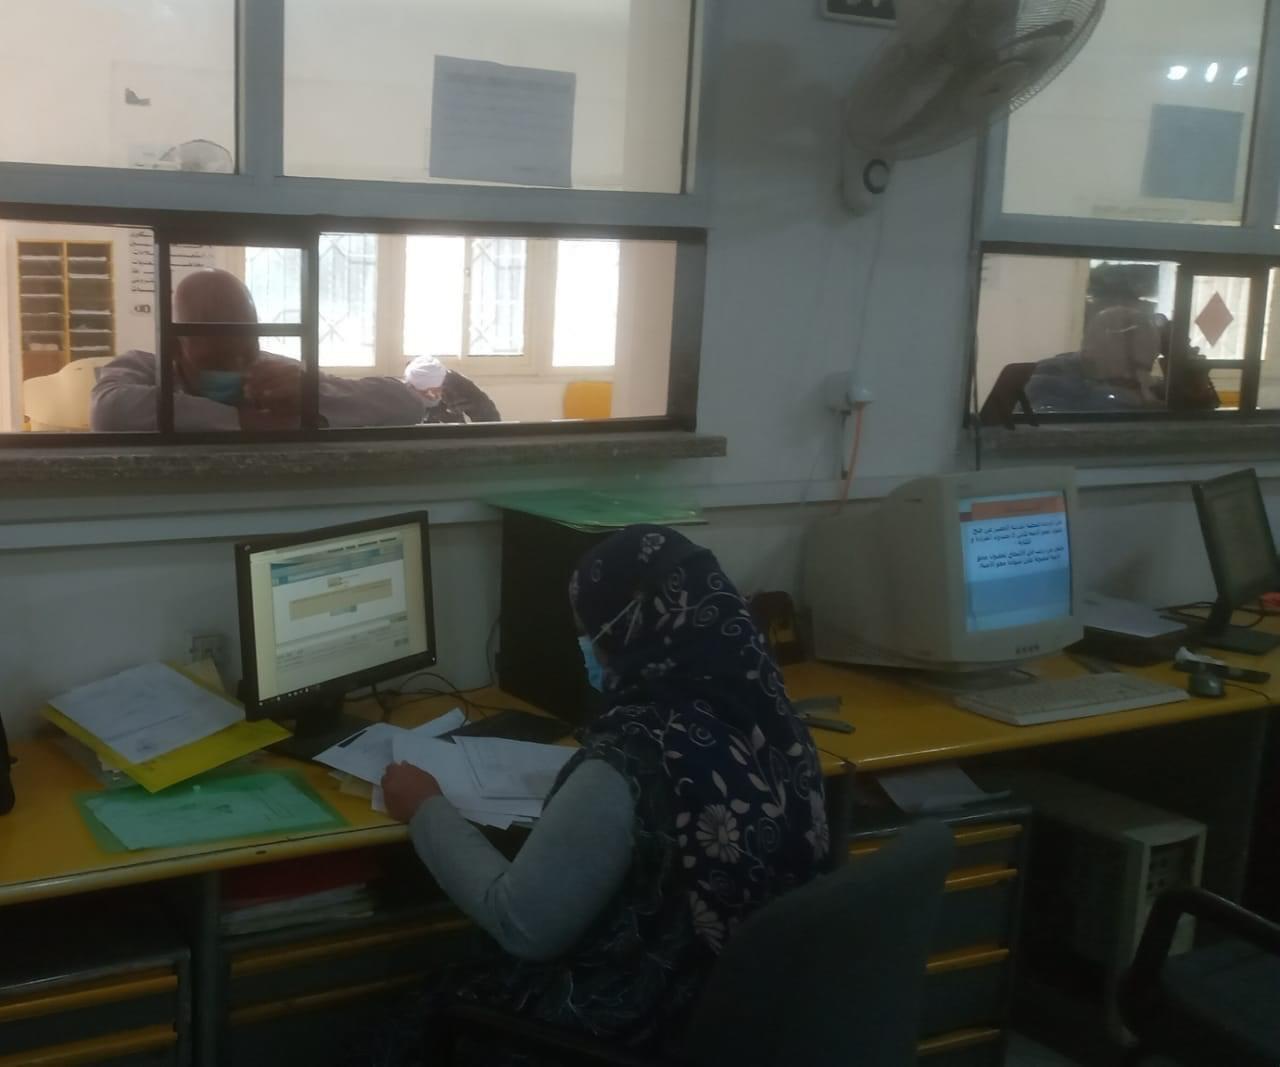 المراكز التكنولوجية تتلقى طلبات المواطنين